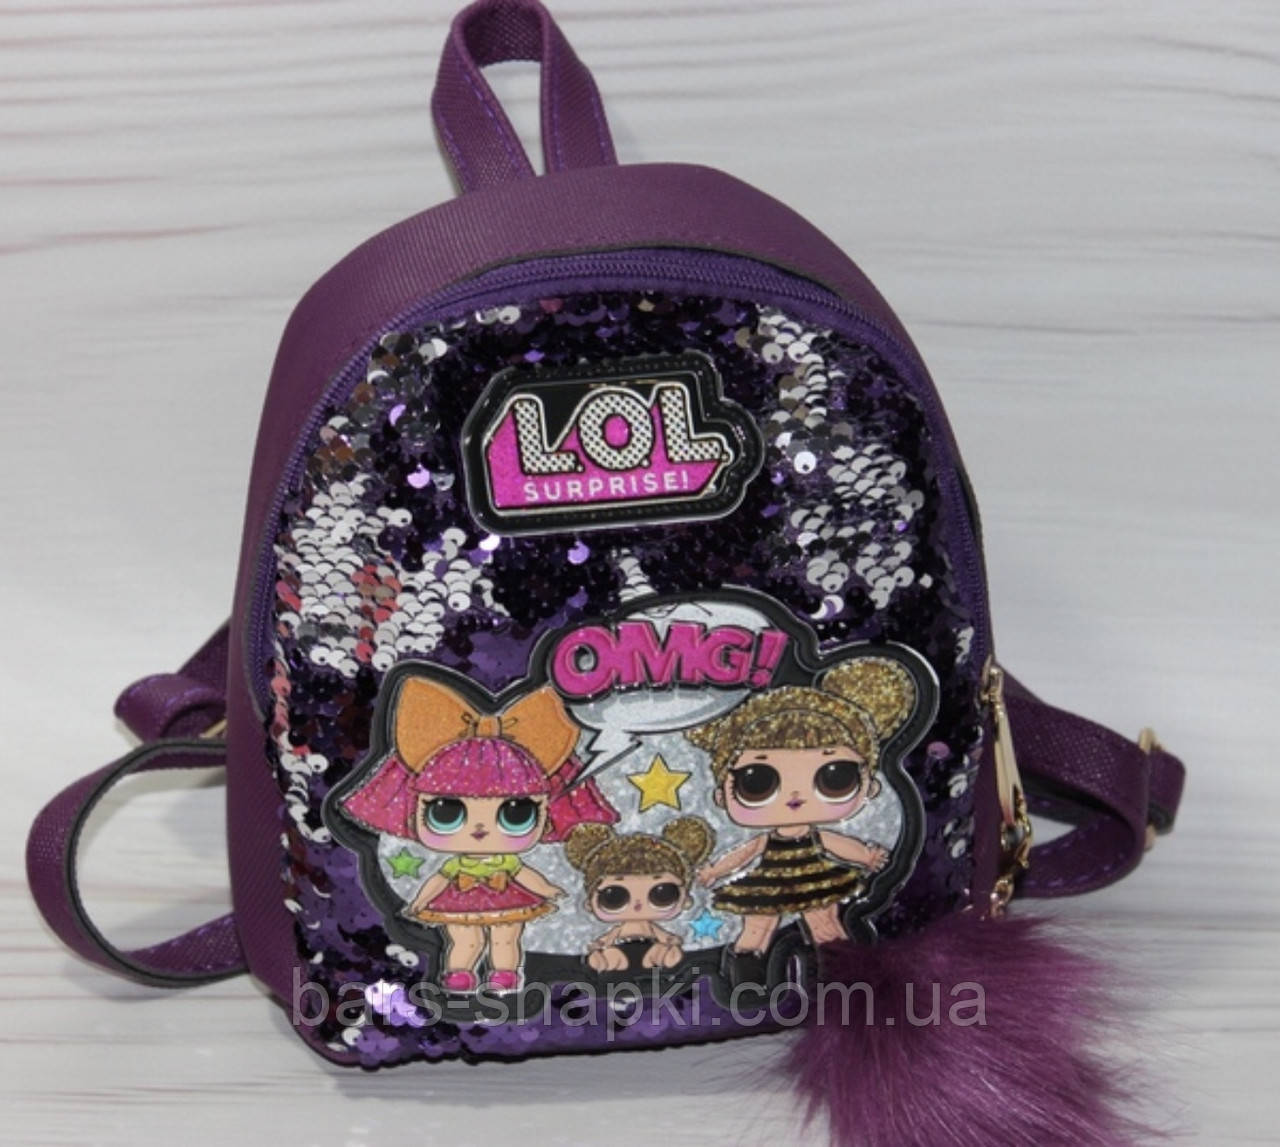 Рюкзачки детские с куколкой ЛОЛ и паетками. Хит продаж! Новинка.